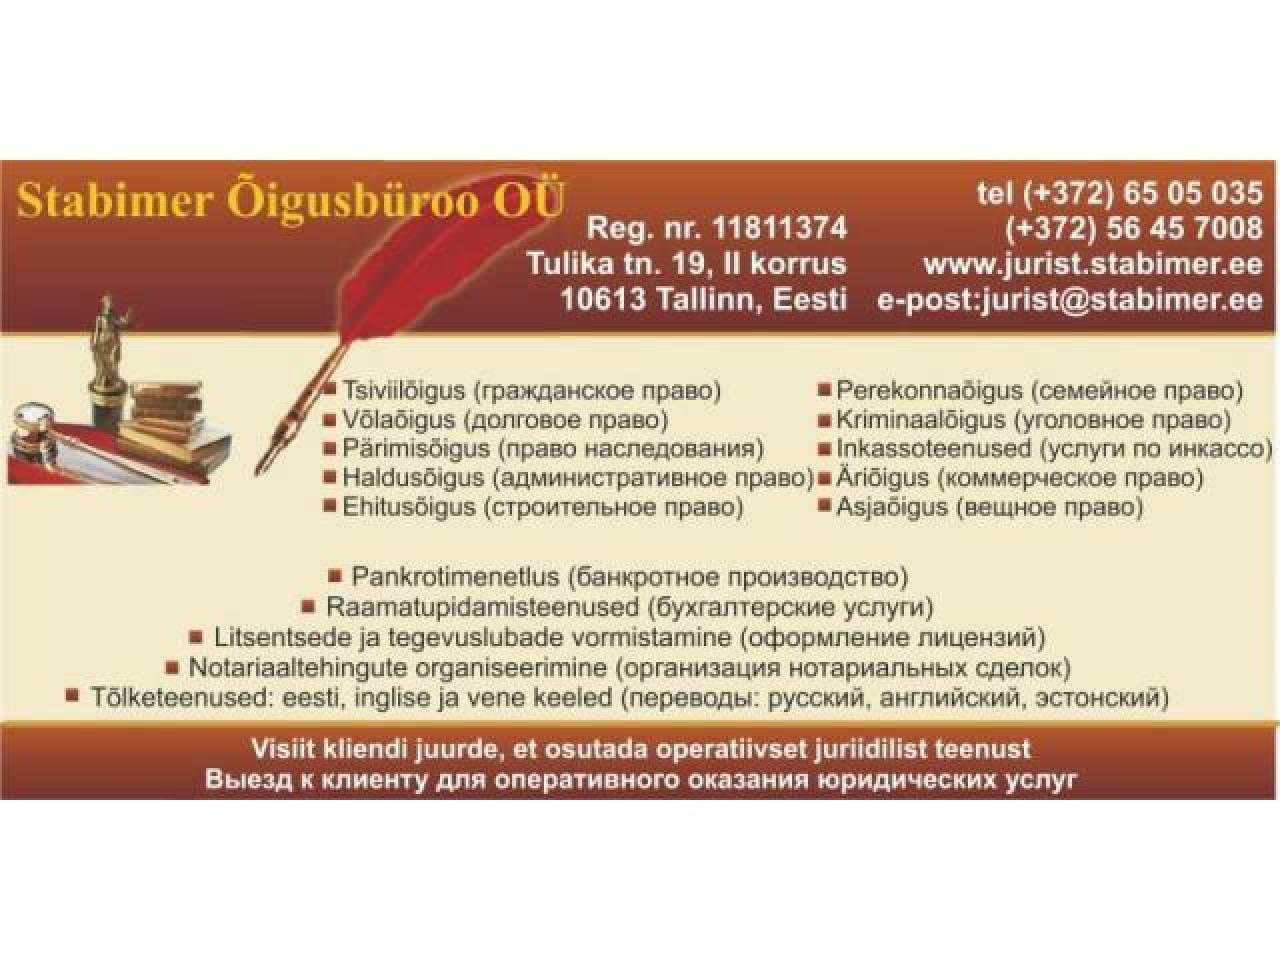 Бухгалтерское обслуживание в Эстонии. Услуги опытного бухгалтера по разумной цене. - 4